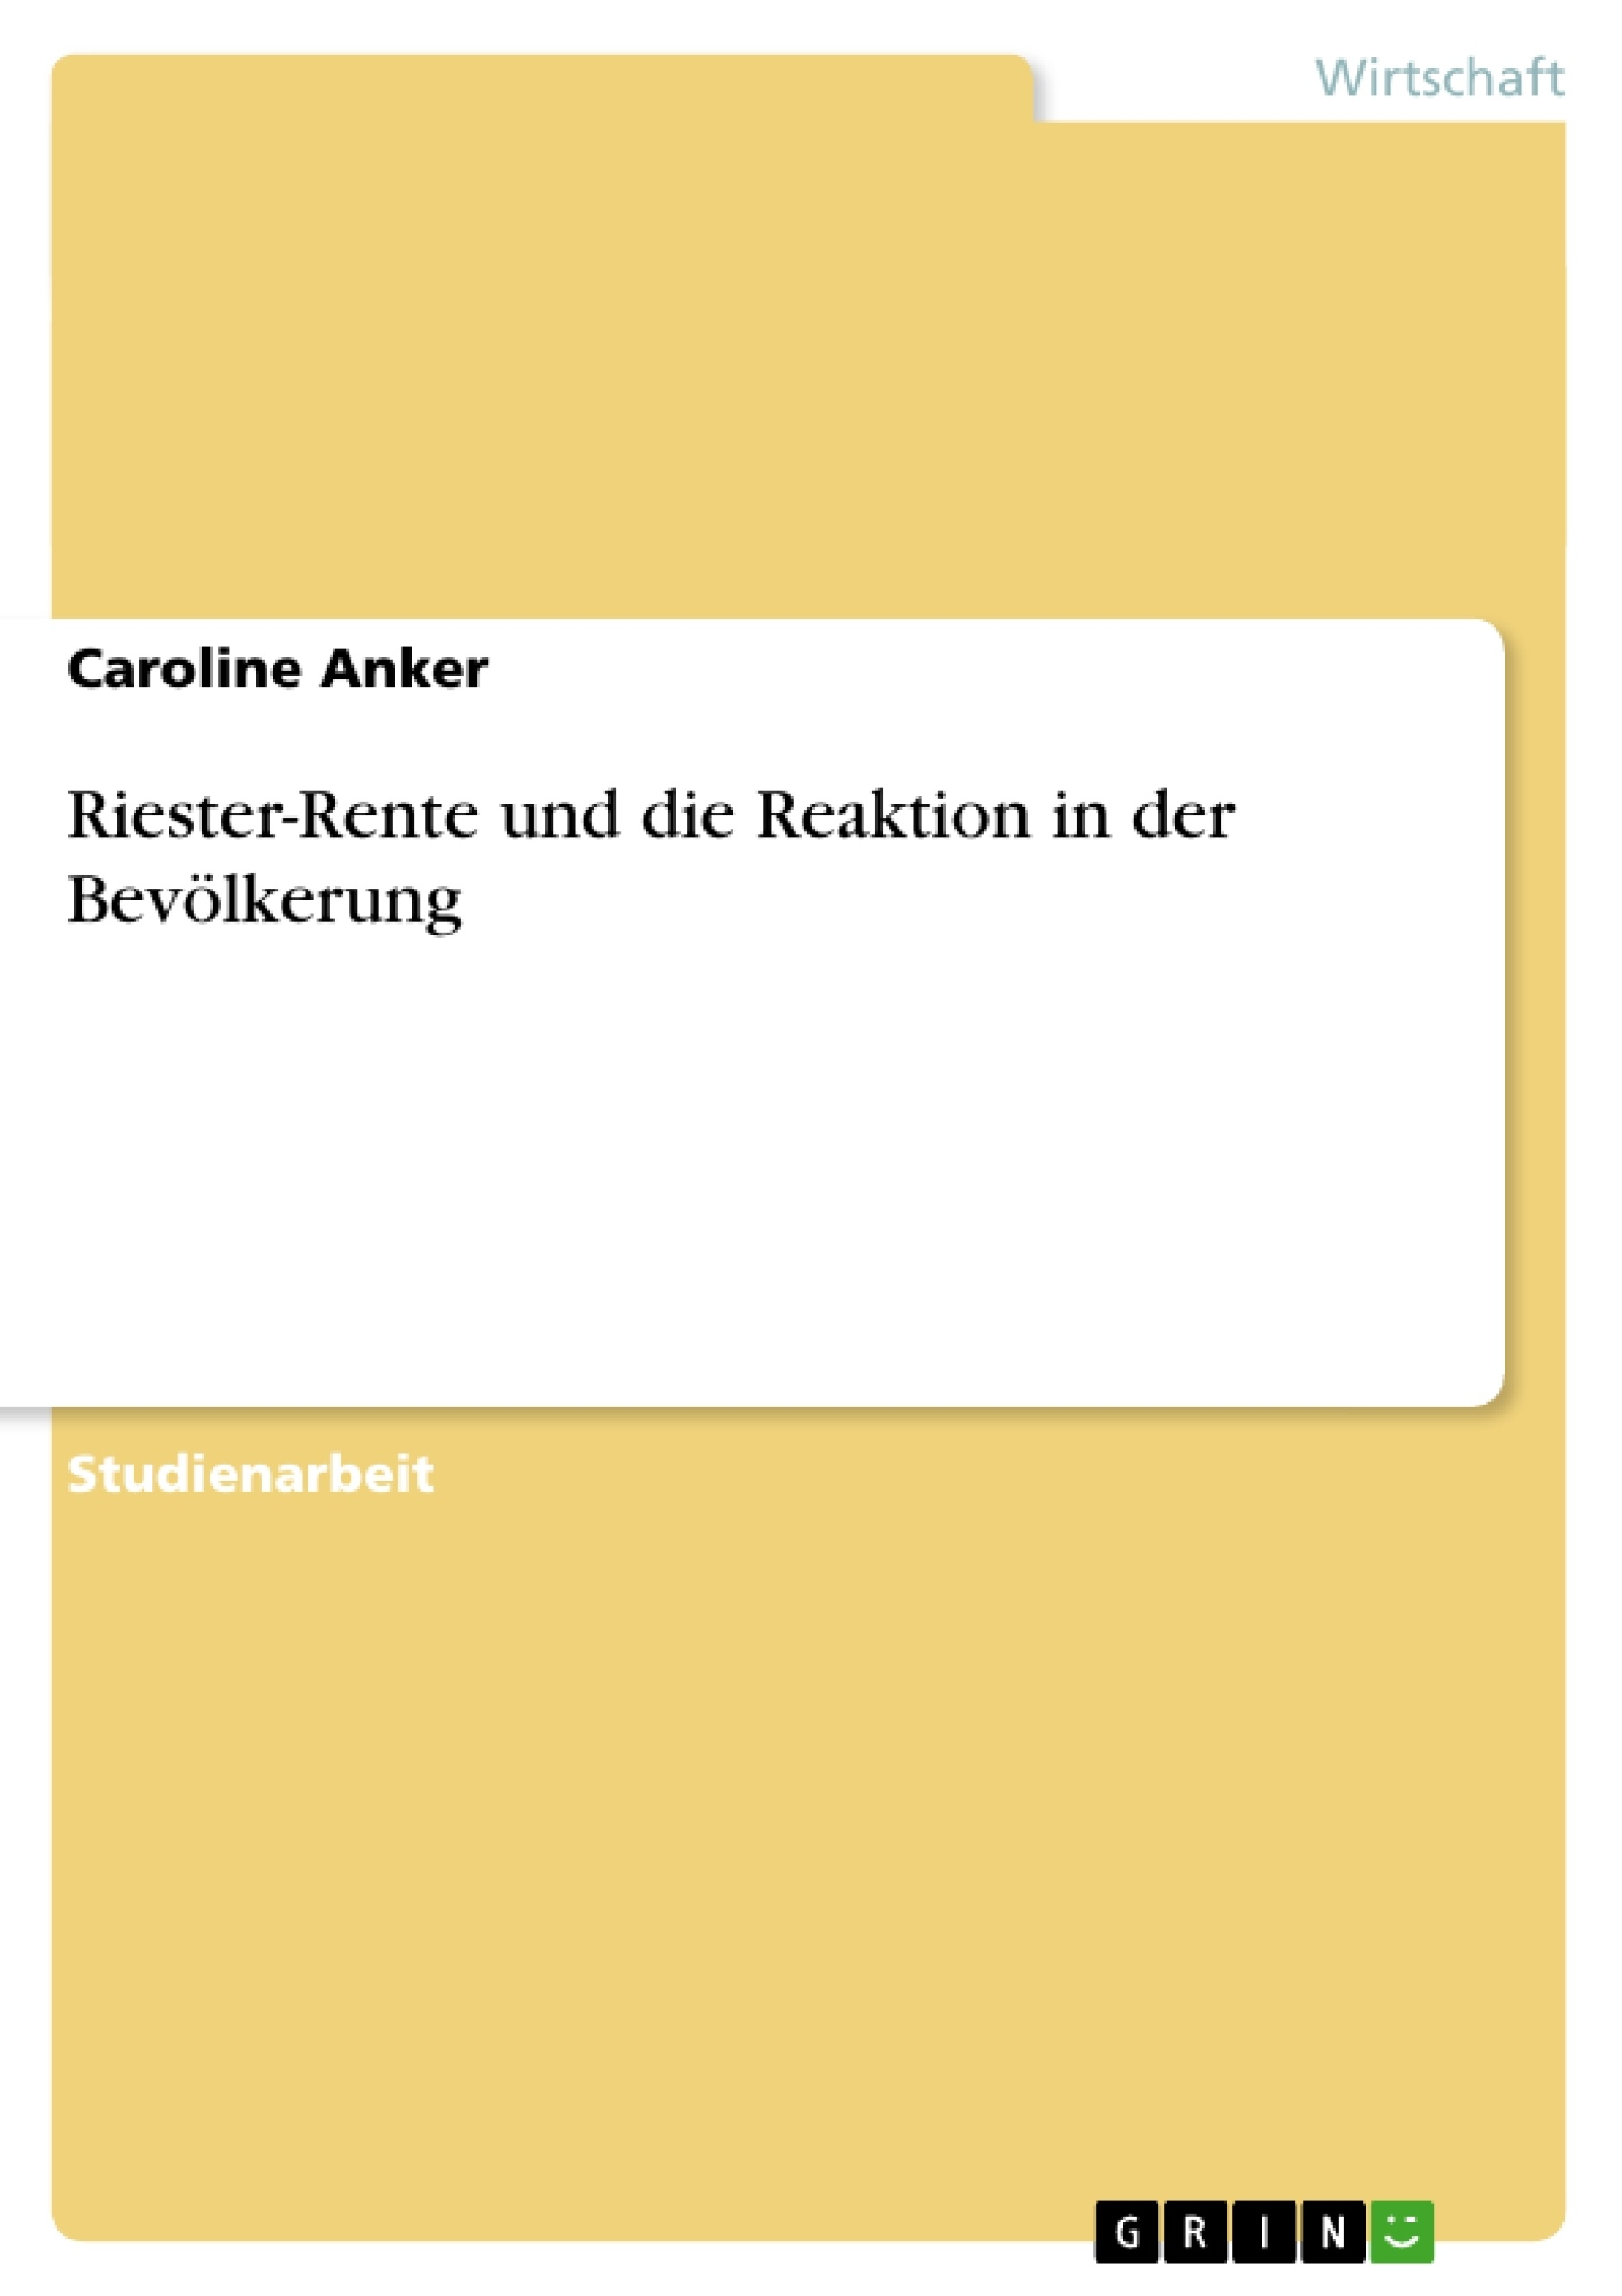 Titel: Riester-Rente und die Reaktion in der Bevölkerung